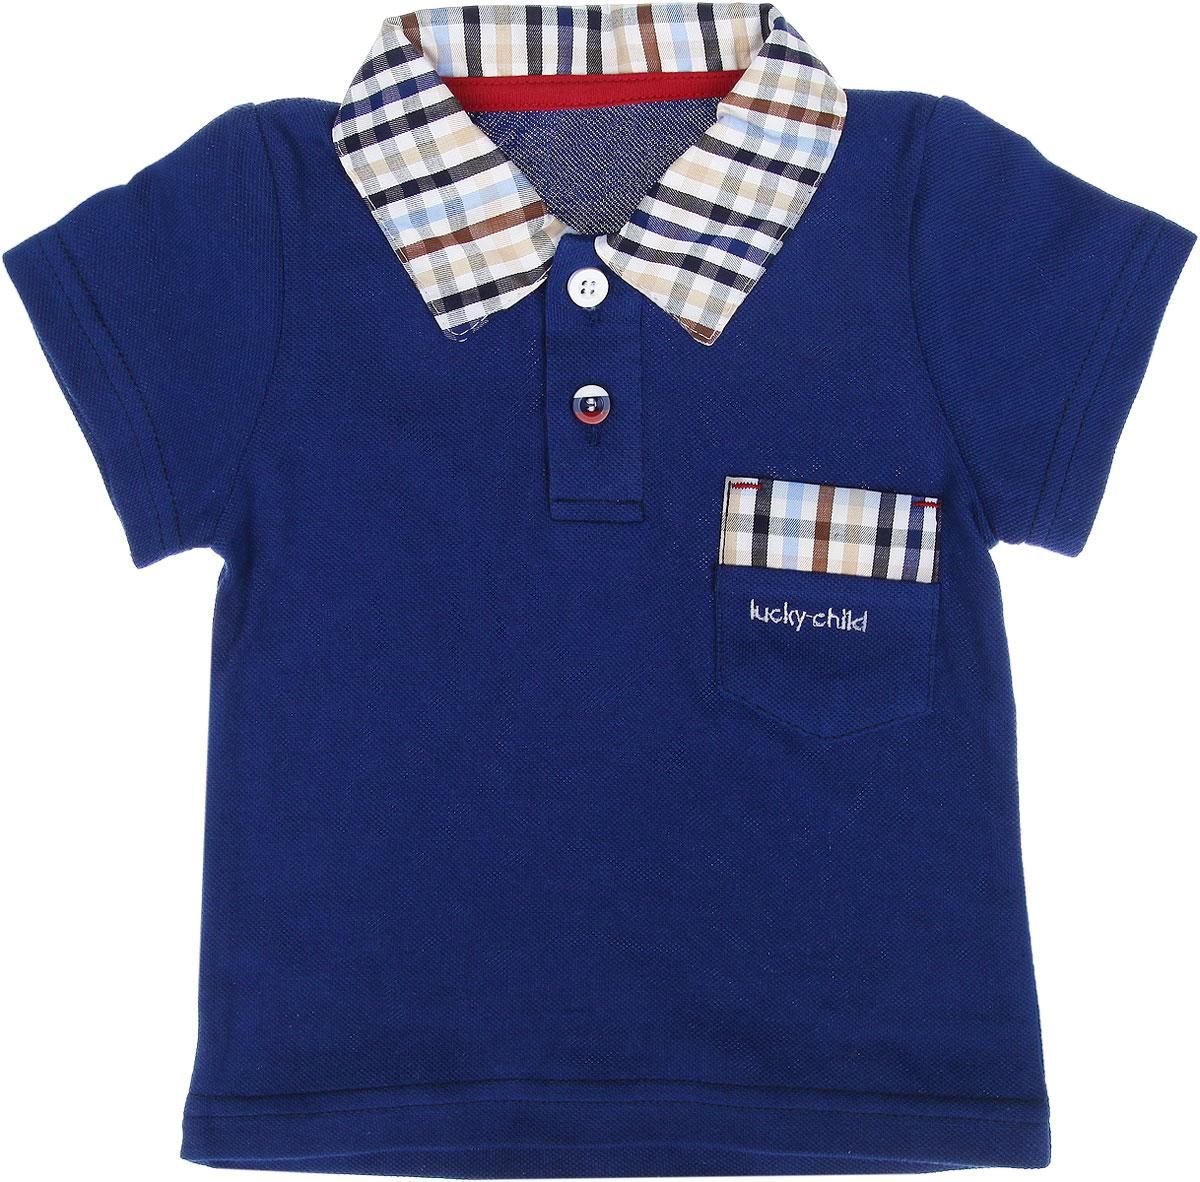 Поло для мальчика Lucky Child, цвет: темно-синий, бежевый. 40-50. Размер 92/9840-50Модная футболка-поло для мальчика Lucky Child идеально подойдет для вашего маленького мужчины. Изготовленная из натурального хлопка, она необычайно мягкая и приятная на ощупь, не сковывает движения и позволяет коже дышать, не раздражает даже самую нежную и чувствительную кожу, обеспечивая наибольший комфорт. Футболка с короткими рукавами и отложным воротником-поло спереди застегивается на две пуговицы. На груди предусмотрен накладной кармашек. Воротник и верхняя часть кармана оформлены принтом в клетку. Современный дизайн и расцветка делают эту футболку модным и стильным предметом детского гардероба. В ней ваш ребенок будет чувствовать себя уютно и комфортно, и всегда будет в центре внимания!